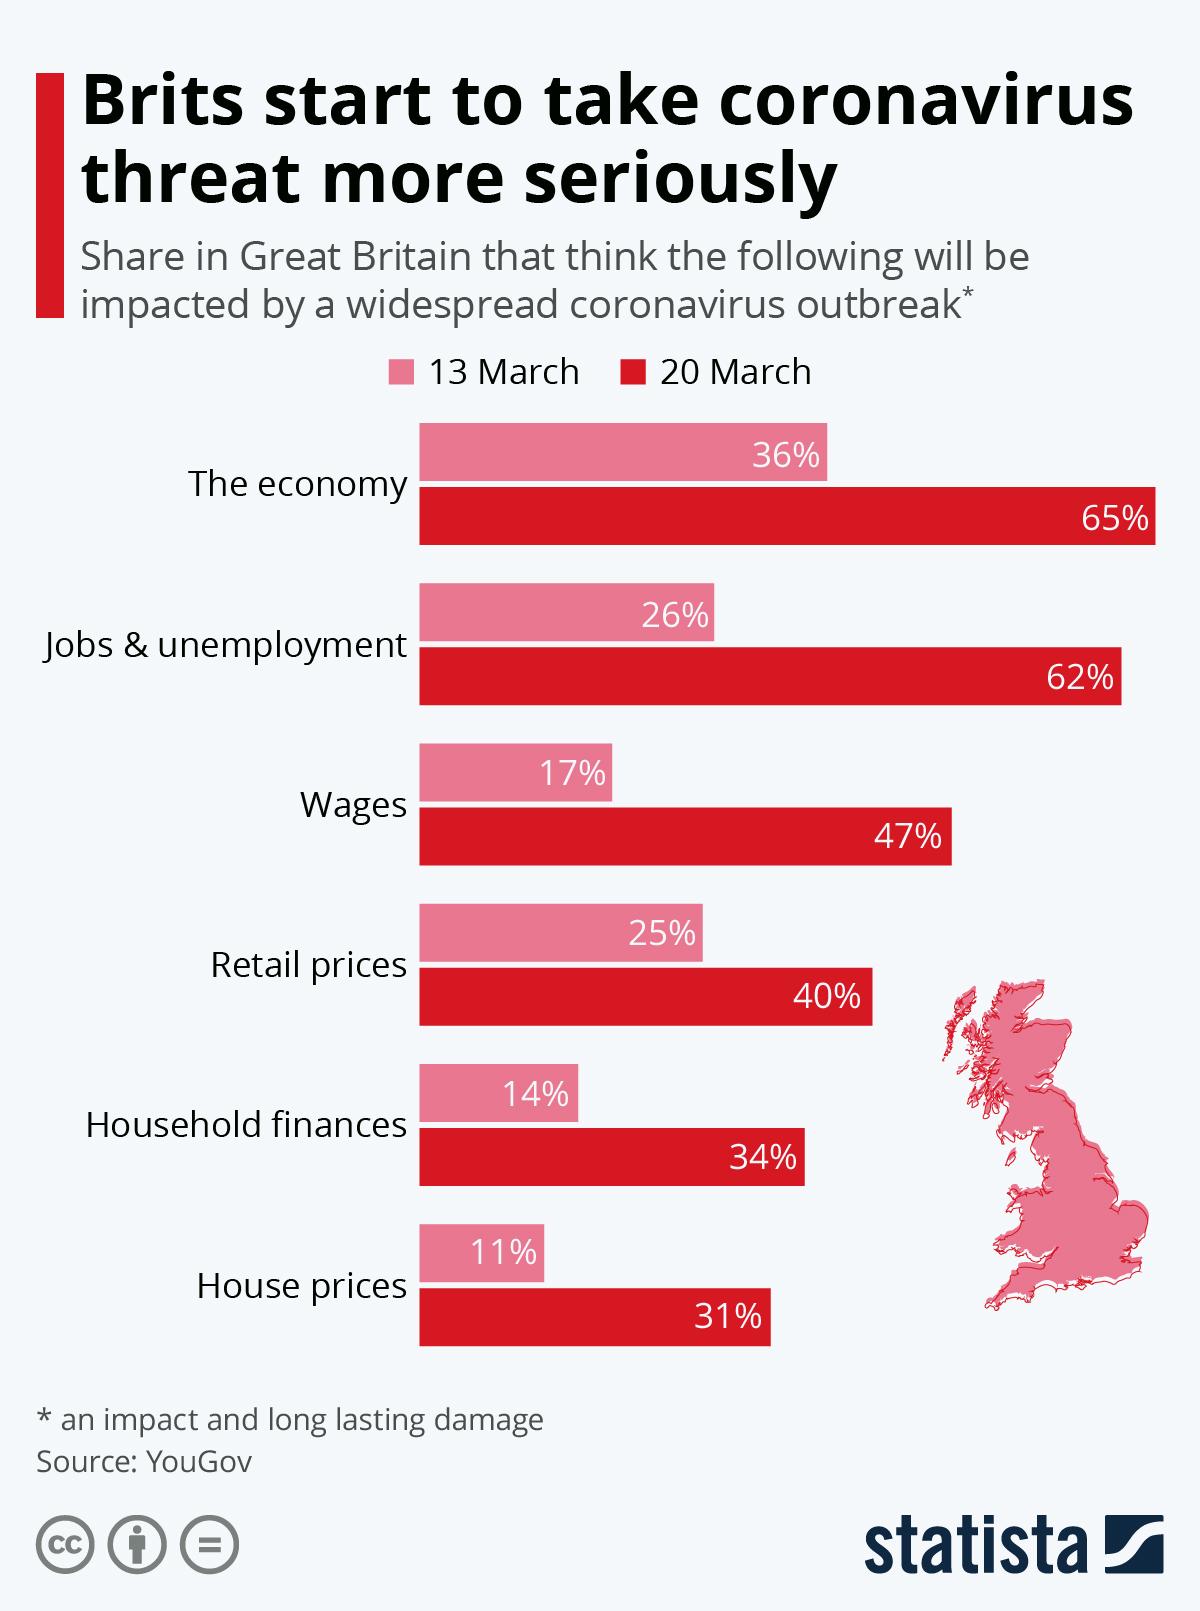 Инфографик: Британците почнуваат сериозно да ја сфаќаат заканата од коронавирус |  Статистика